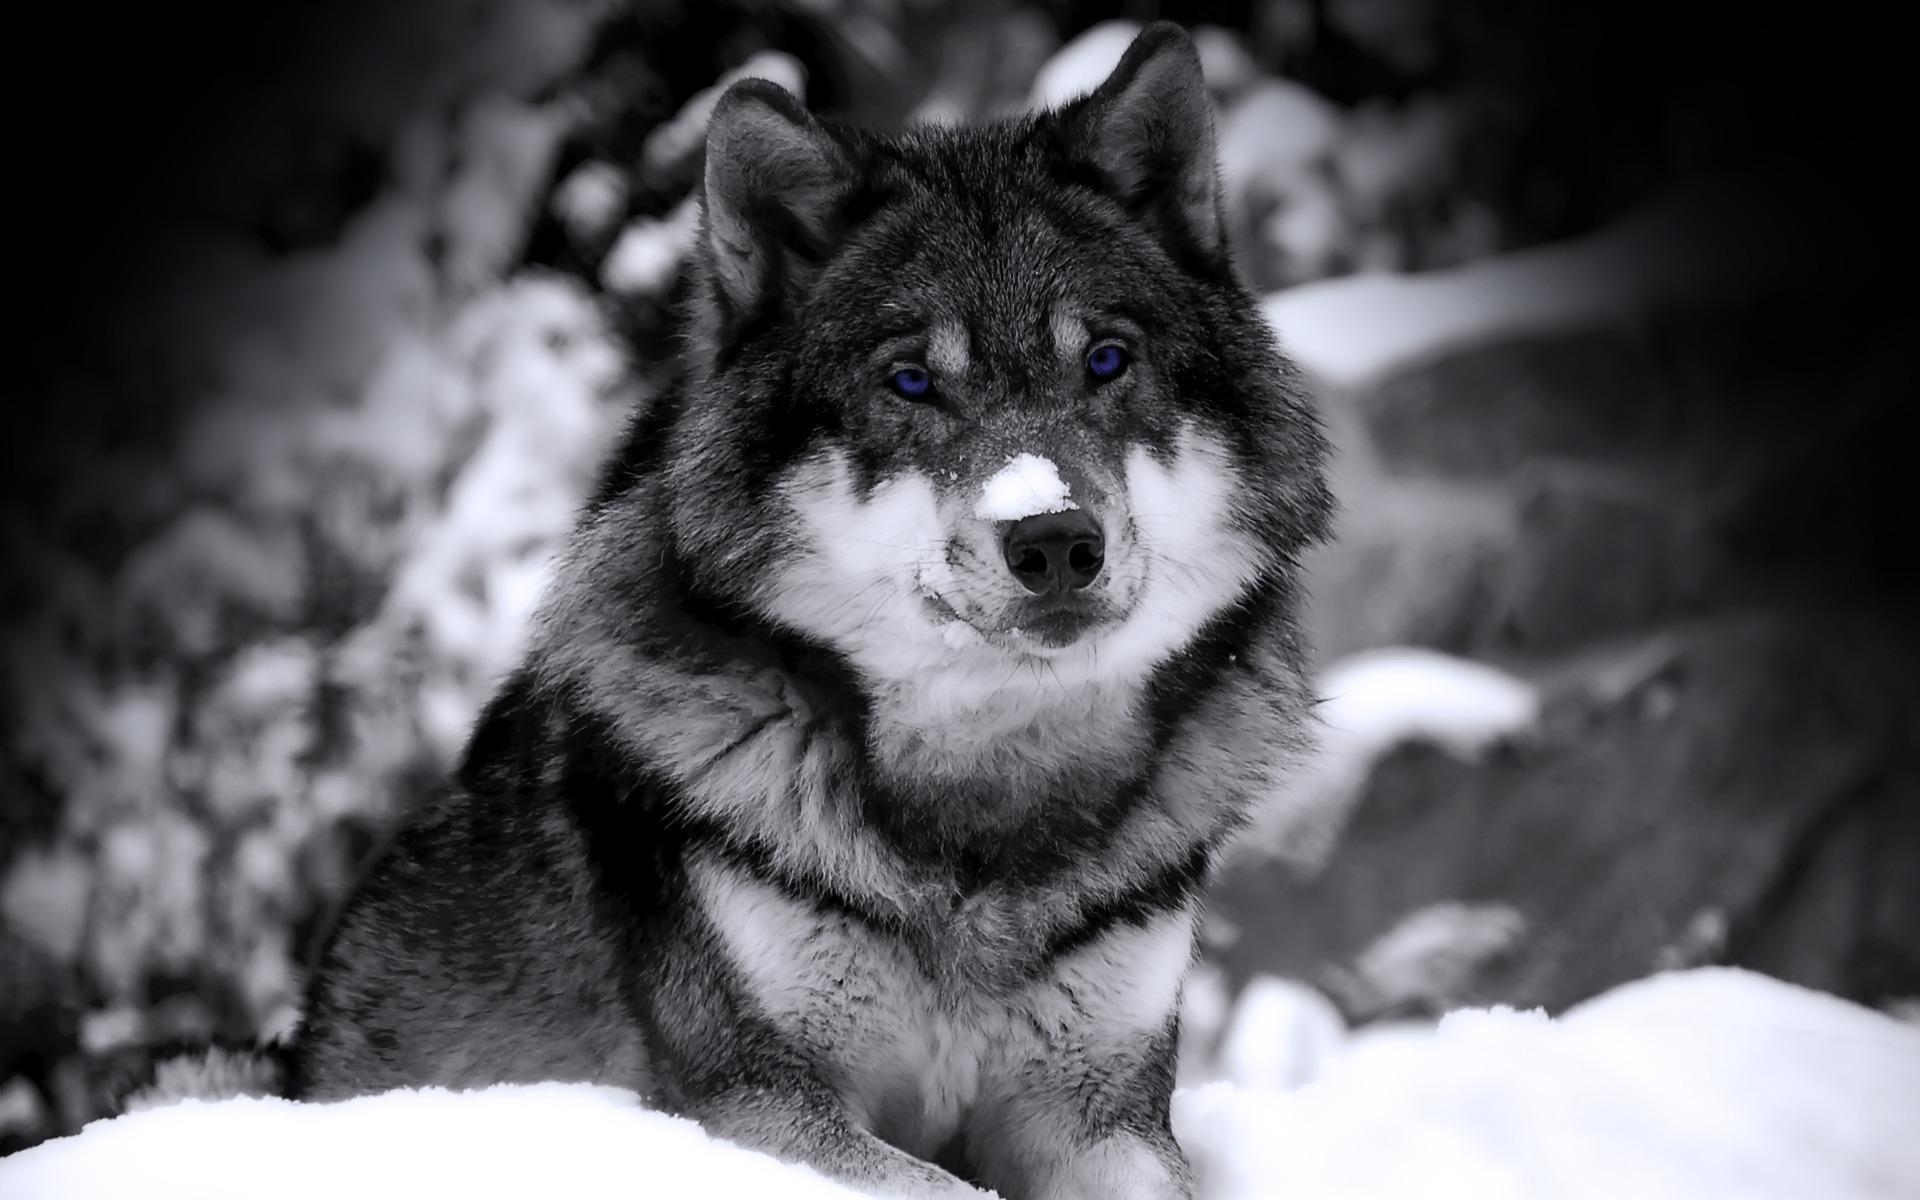 Волк взгляд ч б зверь хищник снег